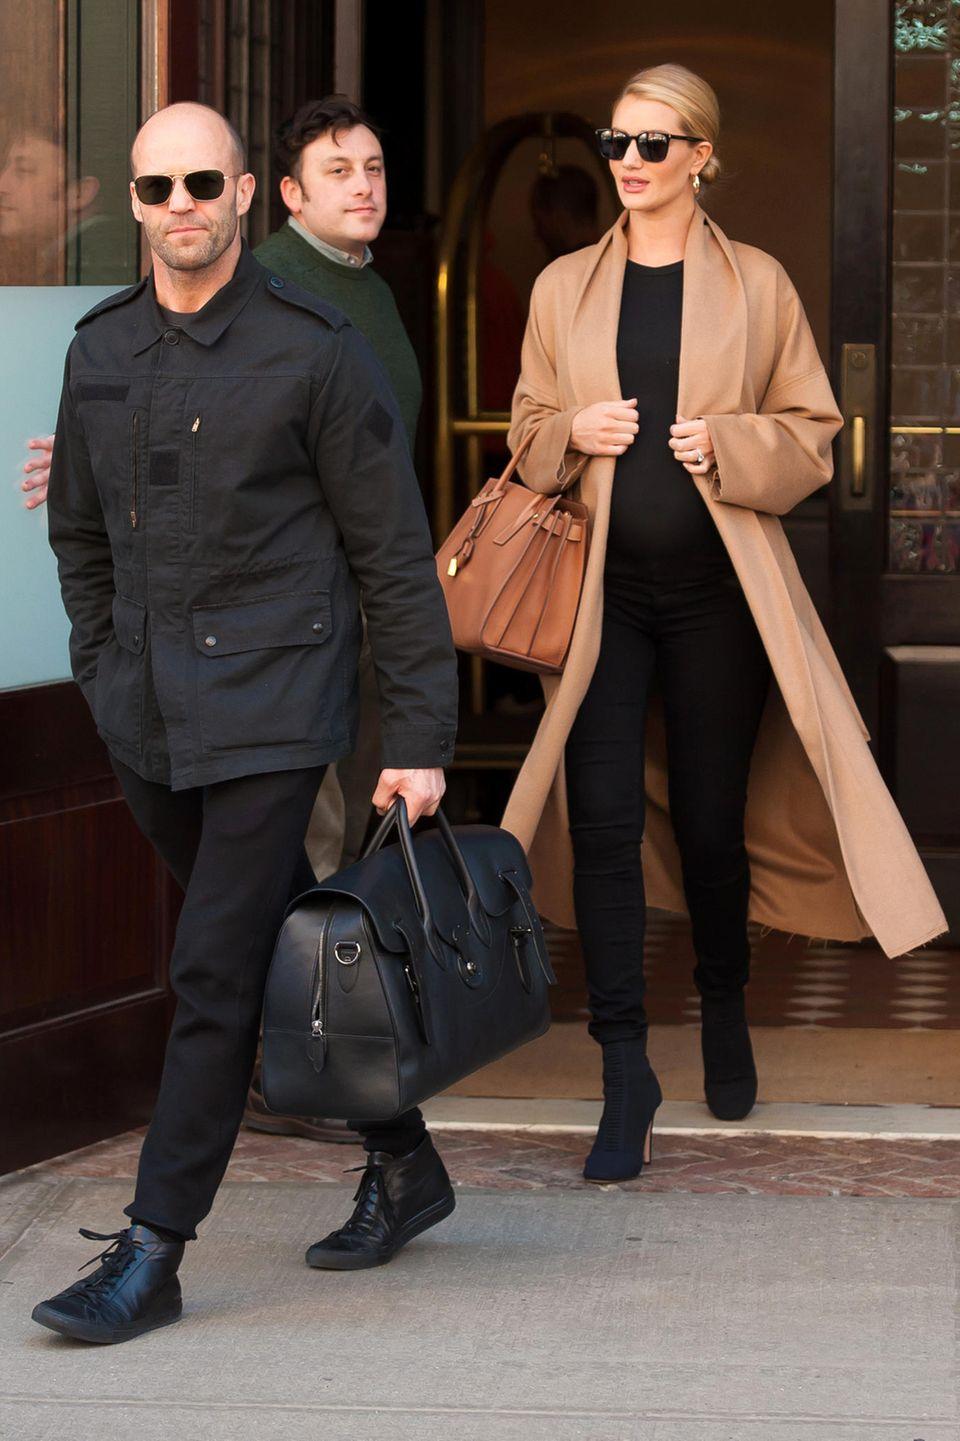 Nur Rosies Kamelhaarmantel ist ein hellerer Lichtblick, ansonsten versteckt das Supermodel auch hier ihren Babybauch im lässigen, schwarzen Outfit. Und das sogar im Partnerlook mit ihrem Verlobten Jason Statham.